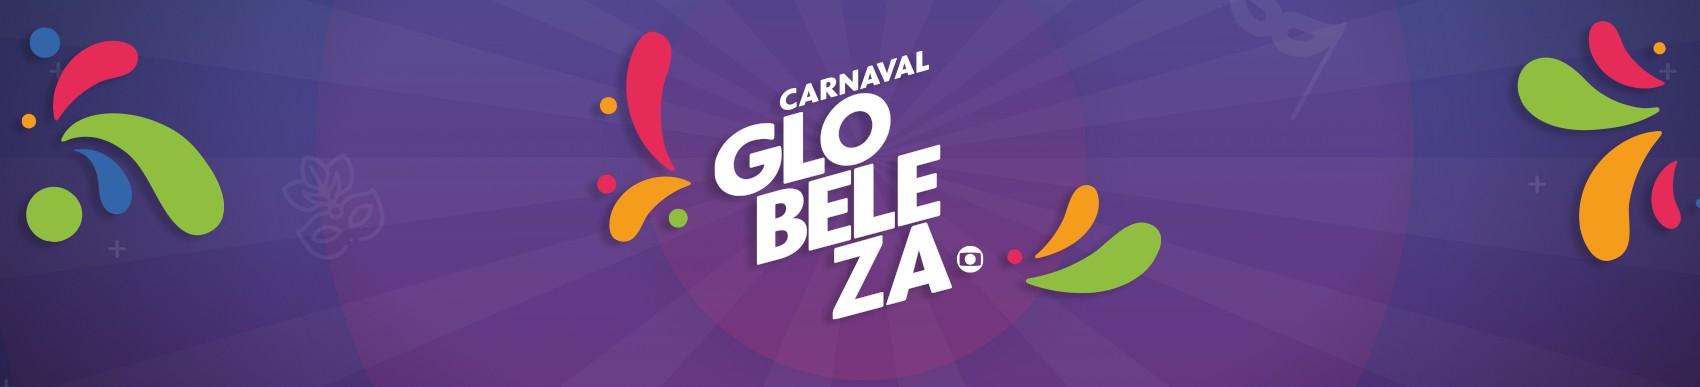 Prêmio Globeleza: que notas você dá para a Tom Maior? Vote!